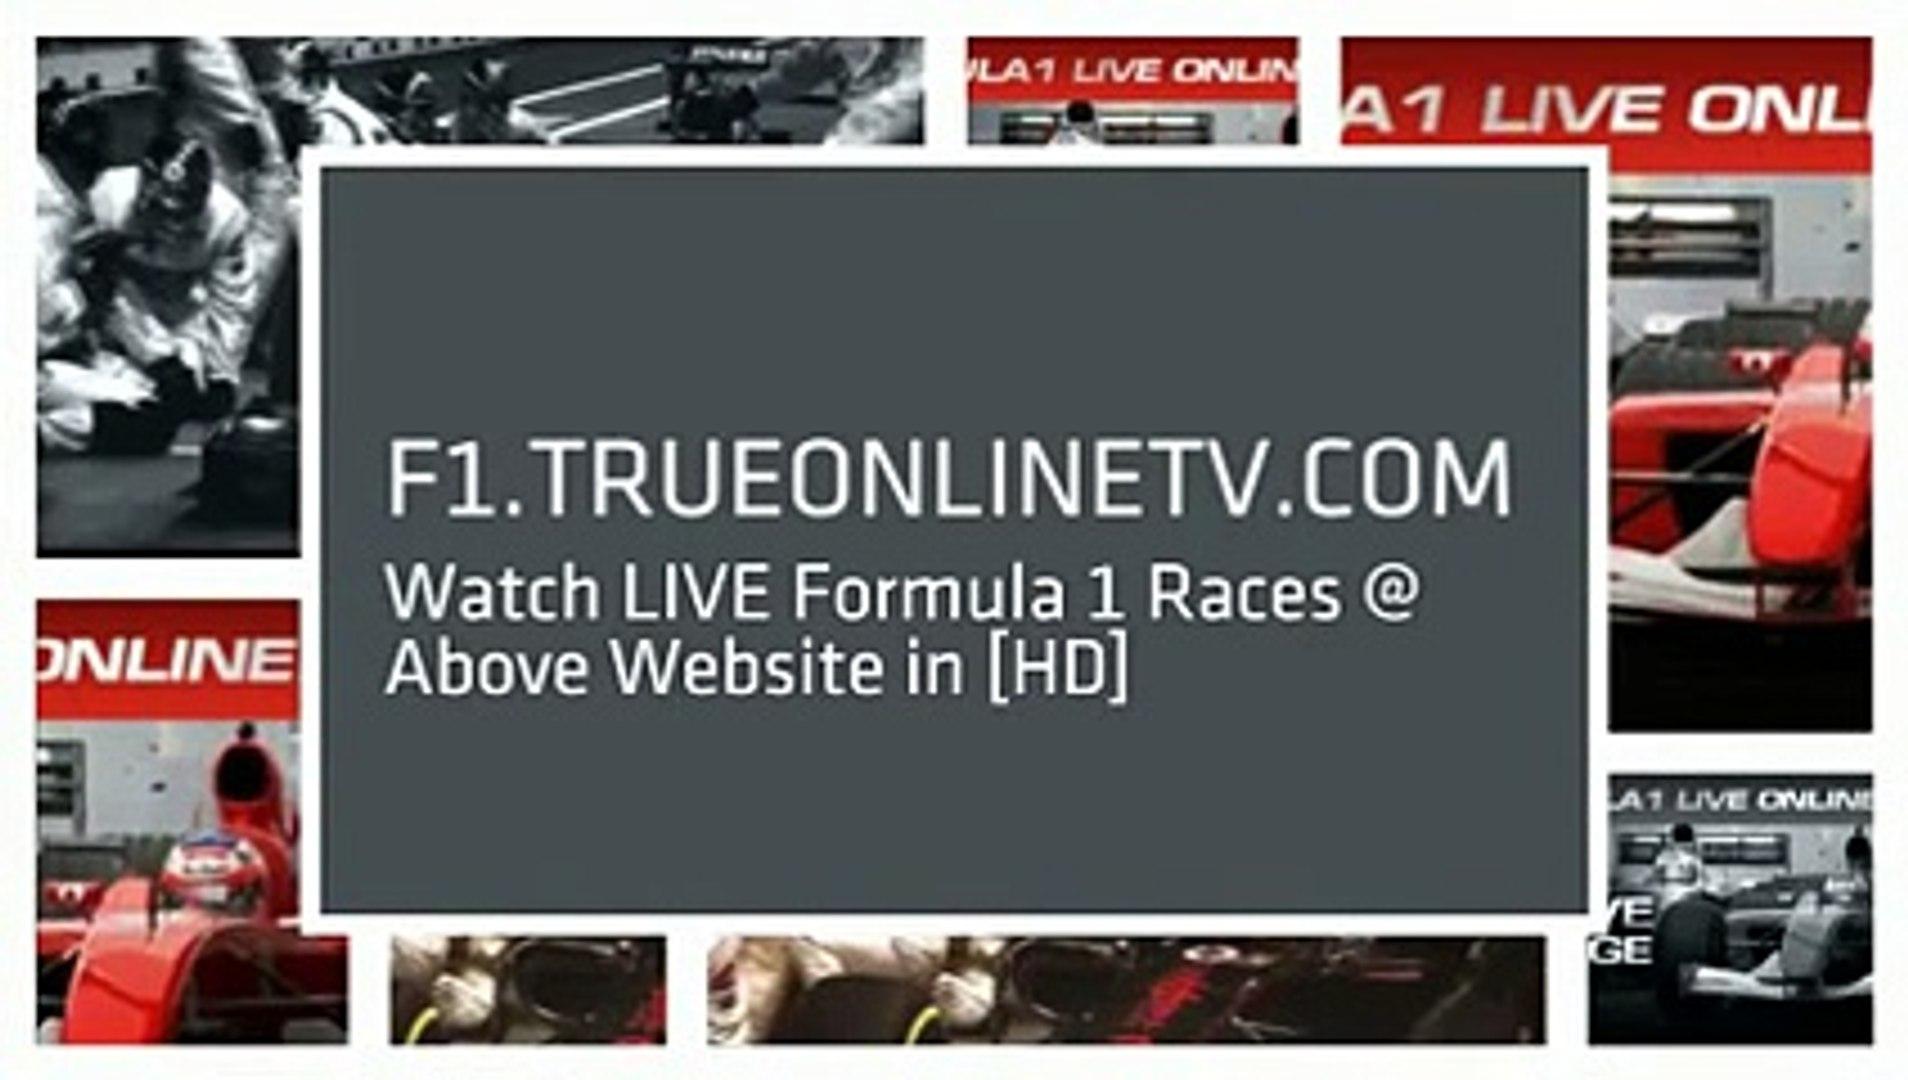 redbull ring austrian grand prix - formula - österreichring - zeltweg - österreich - austria - austr